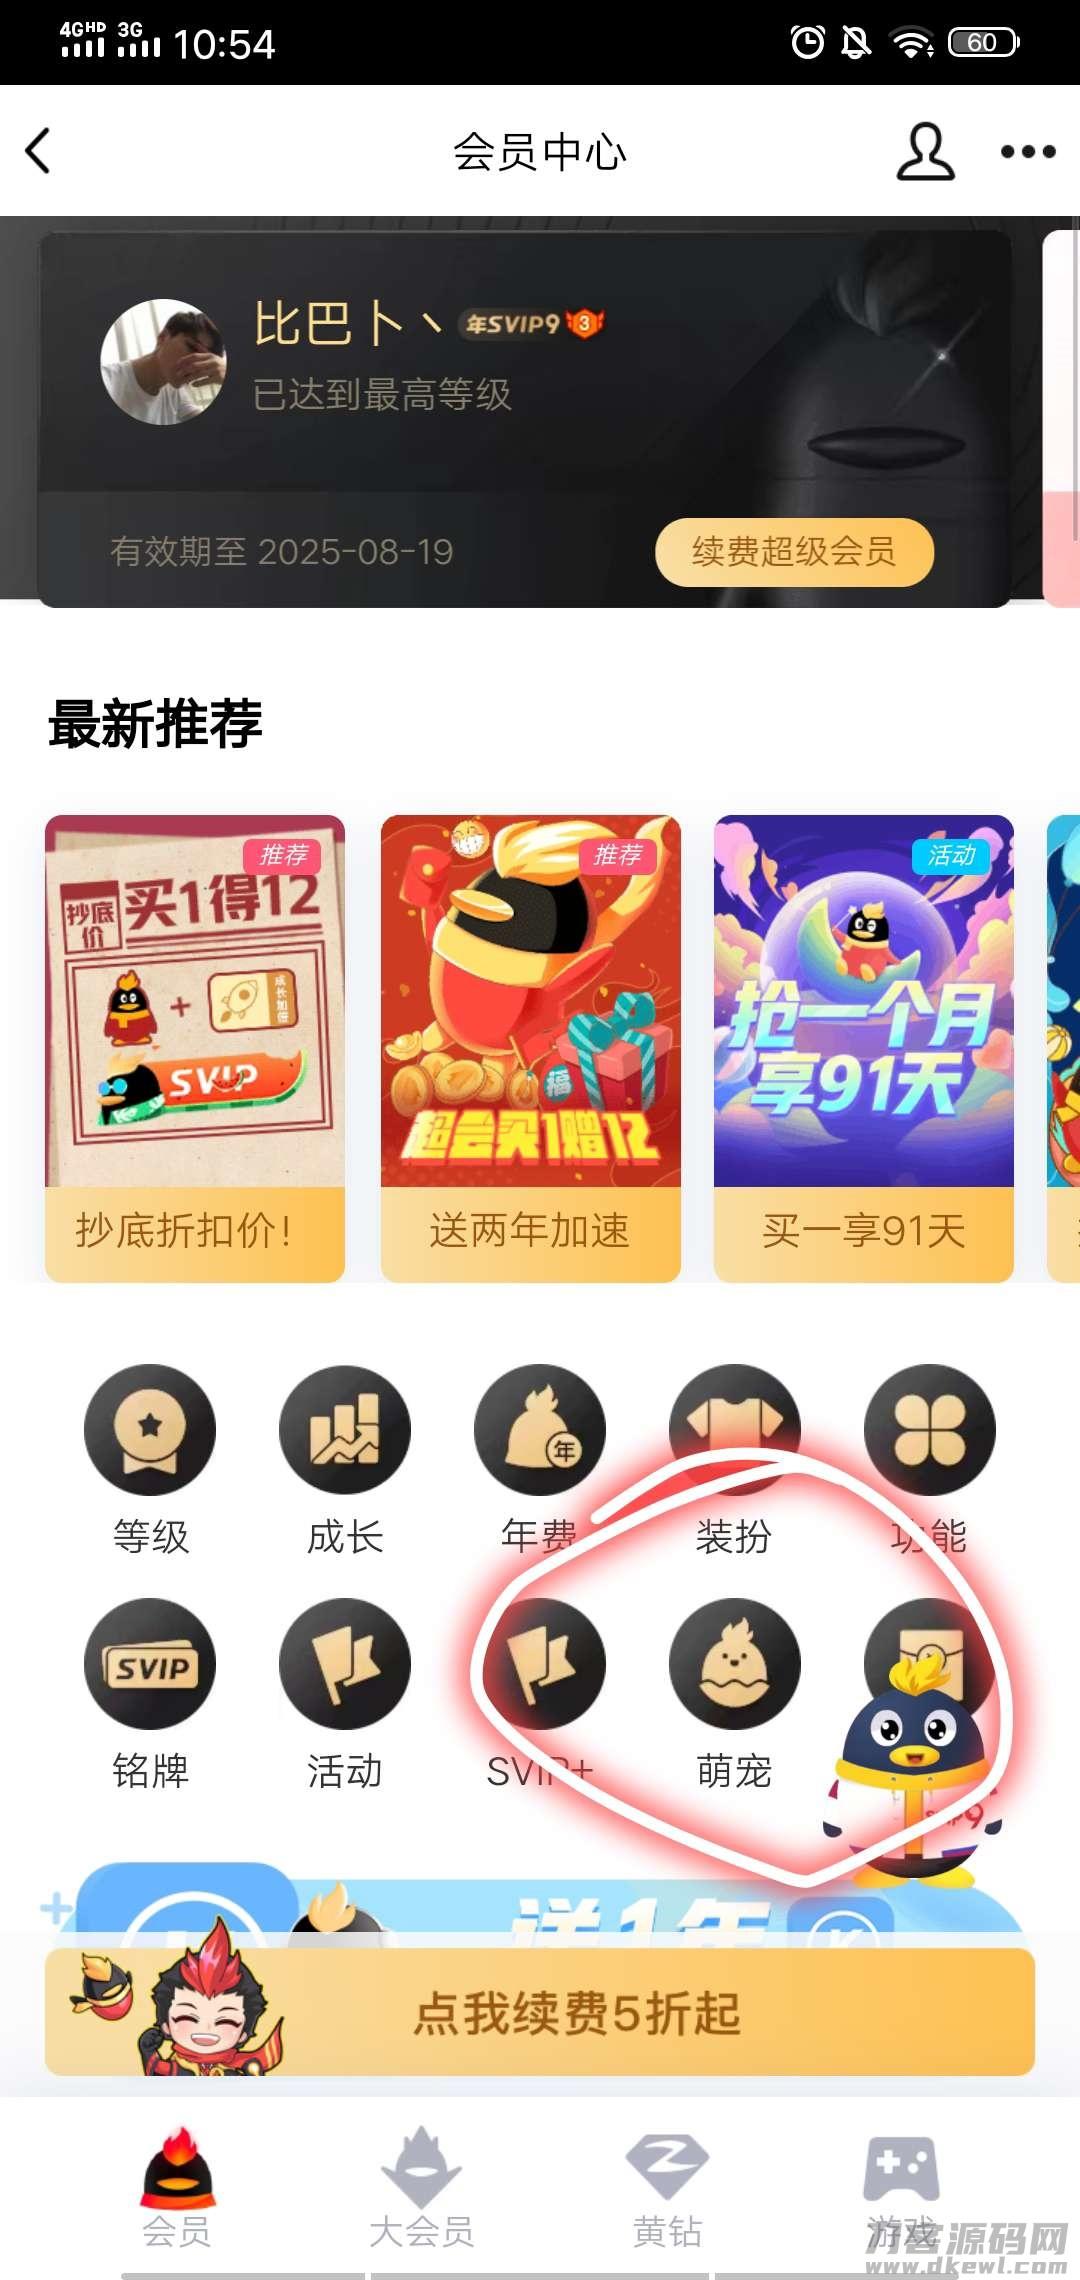 【虚拟商品】QQ萌宝换取16天vip会员插图